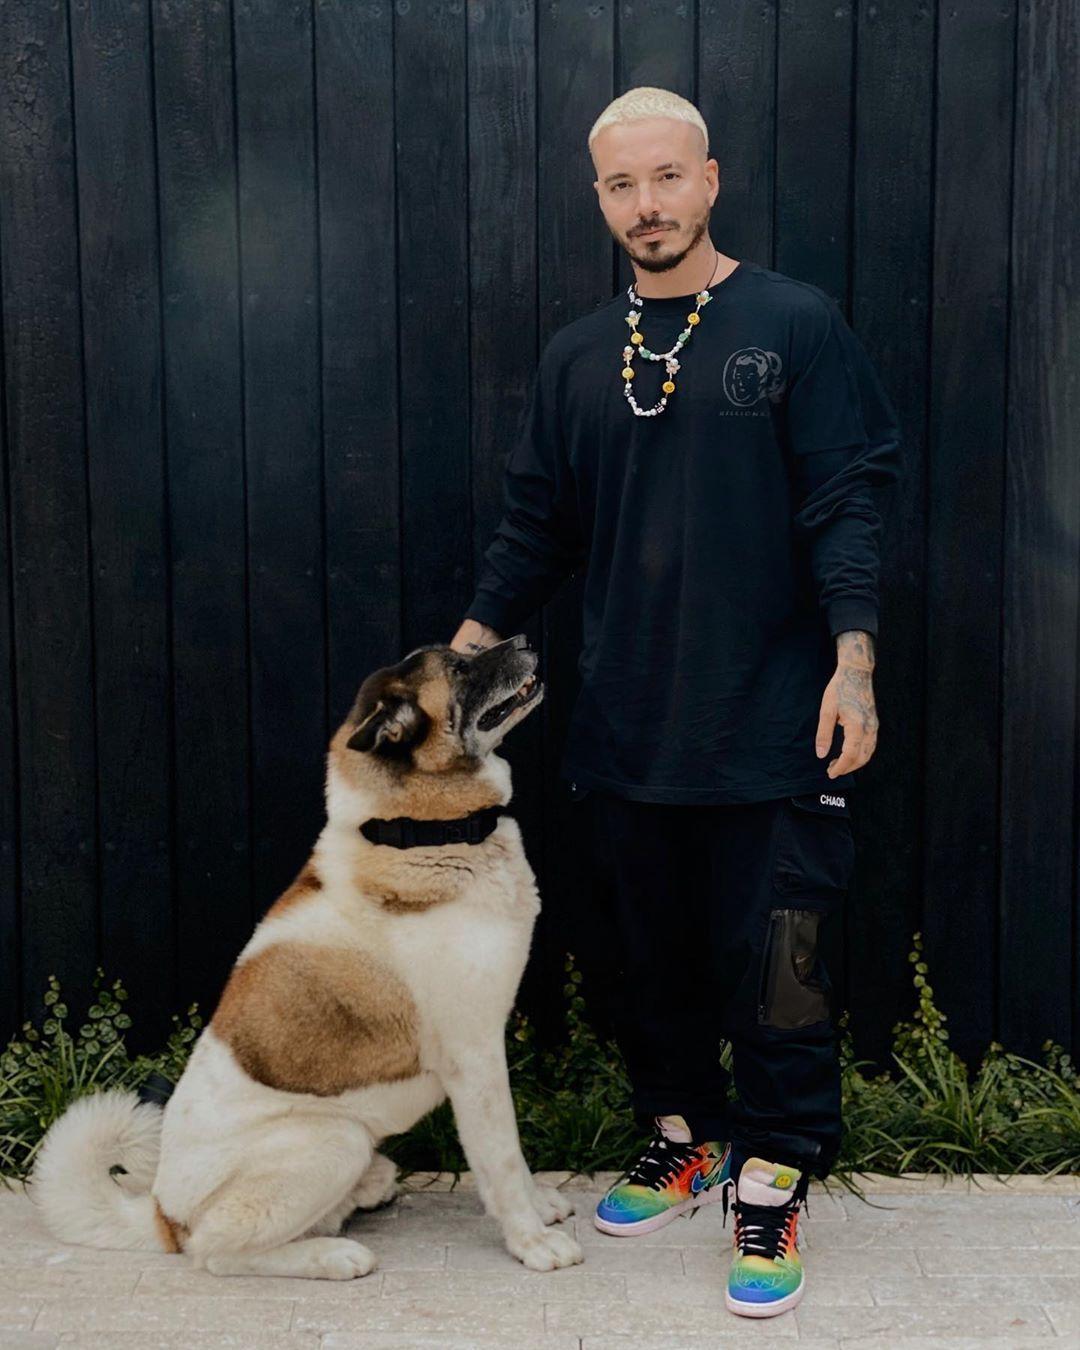 873 5 Mil Me Gusta 4 508 Comentarios J Balvin Jbalvin En Instagram Enzo El Rey De La Casa Colores In 2020 Instagram Songwriting Varsity Jacket